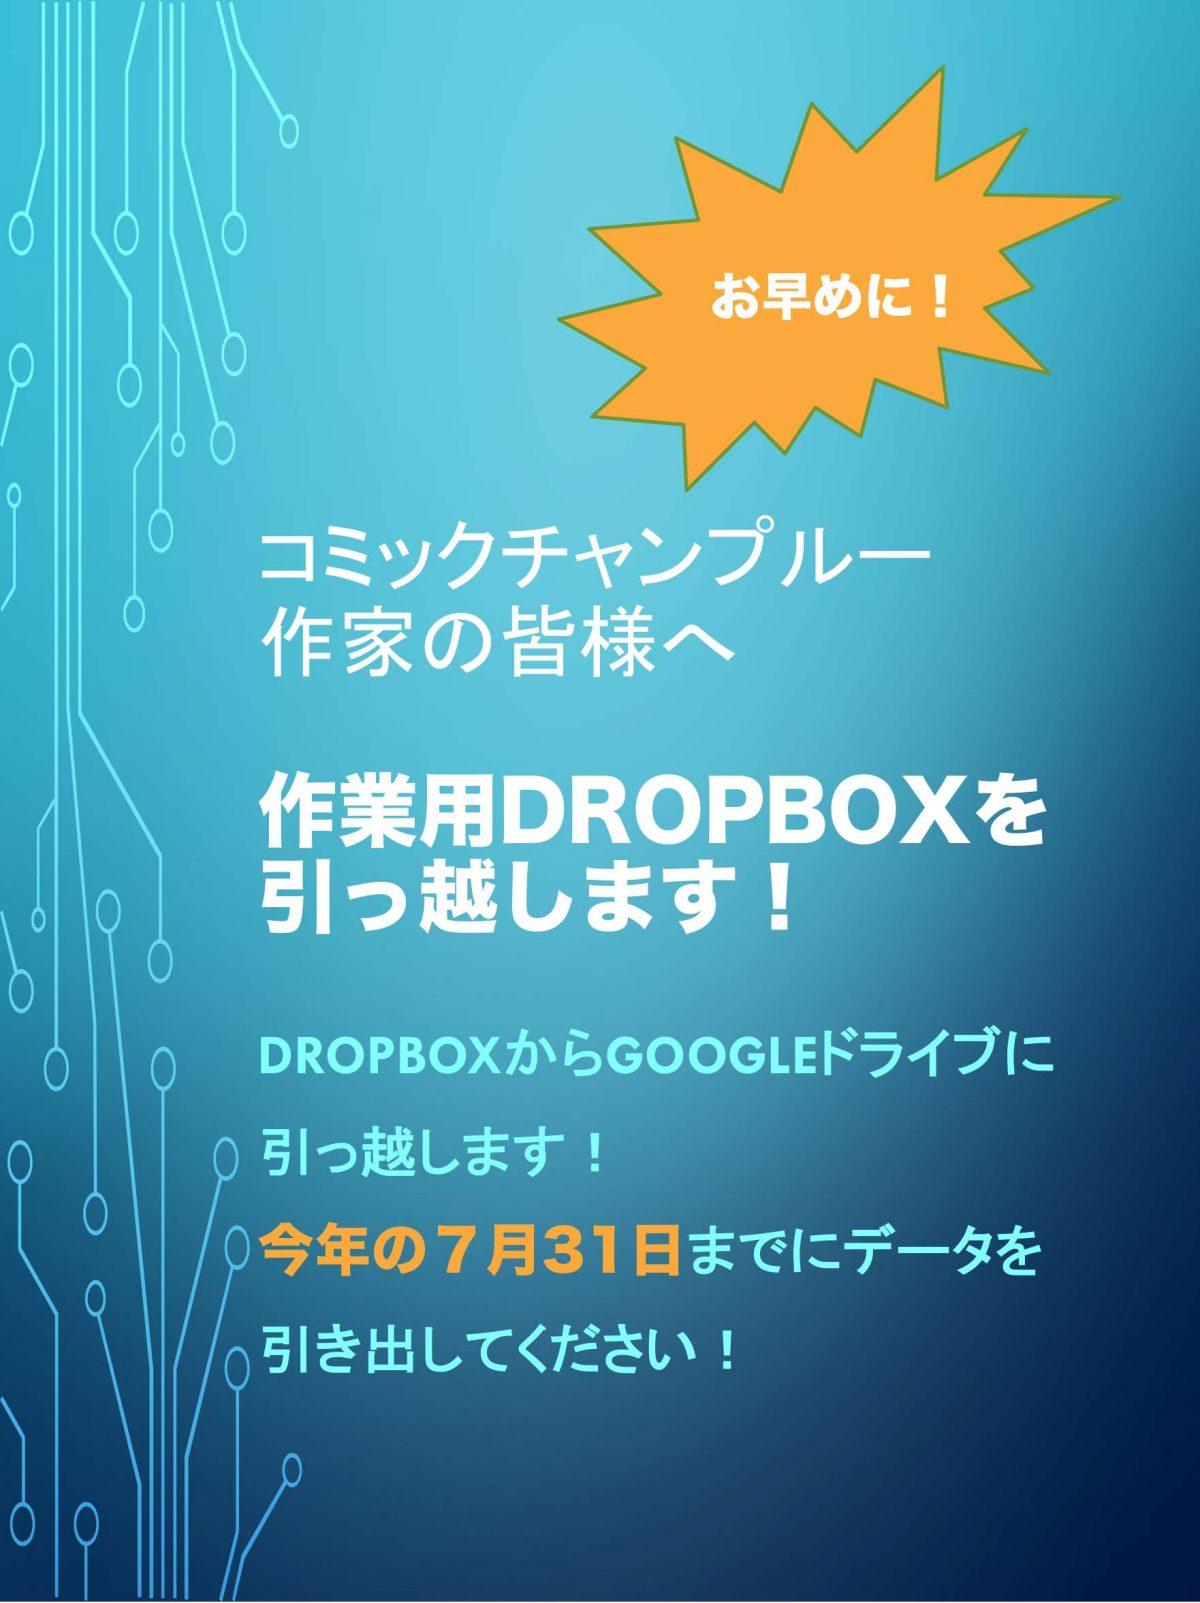 作業用Dropboxを7月いっぱいで引っ越します! コミックチャンプルー作家の皆様へ